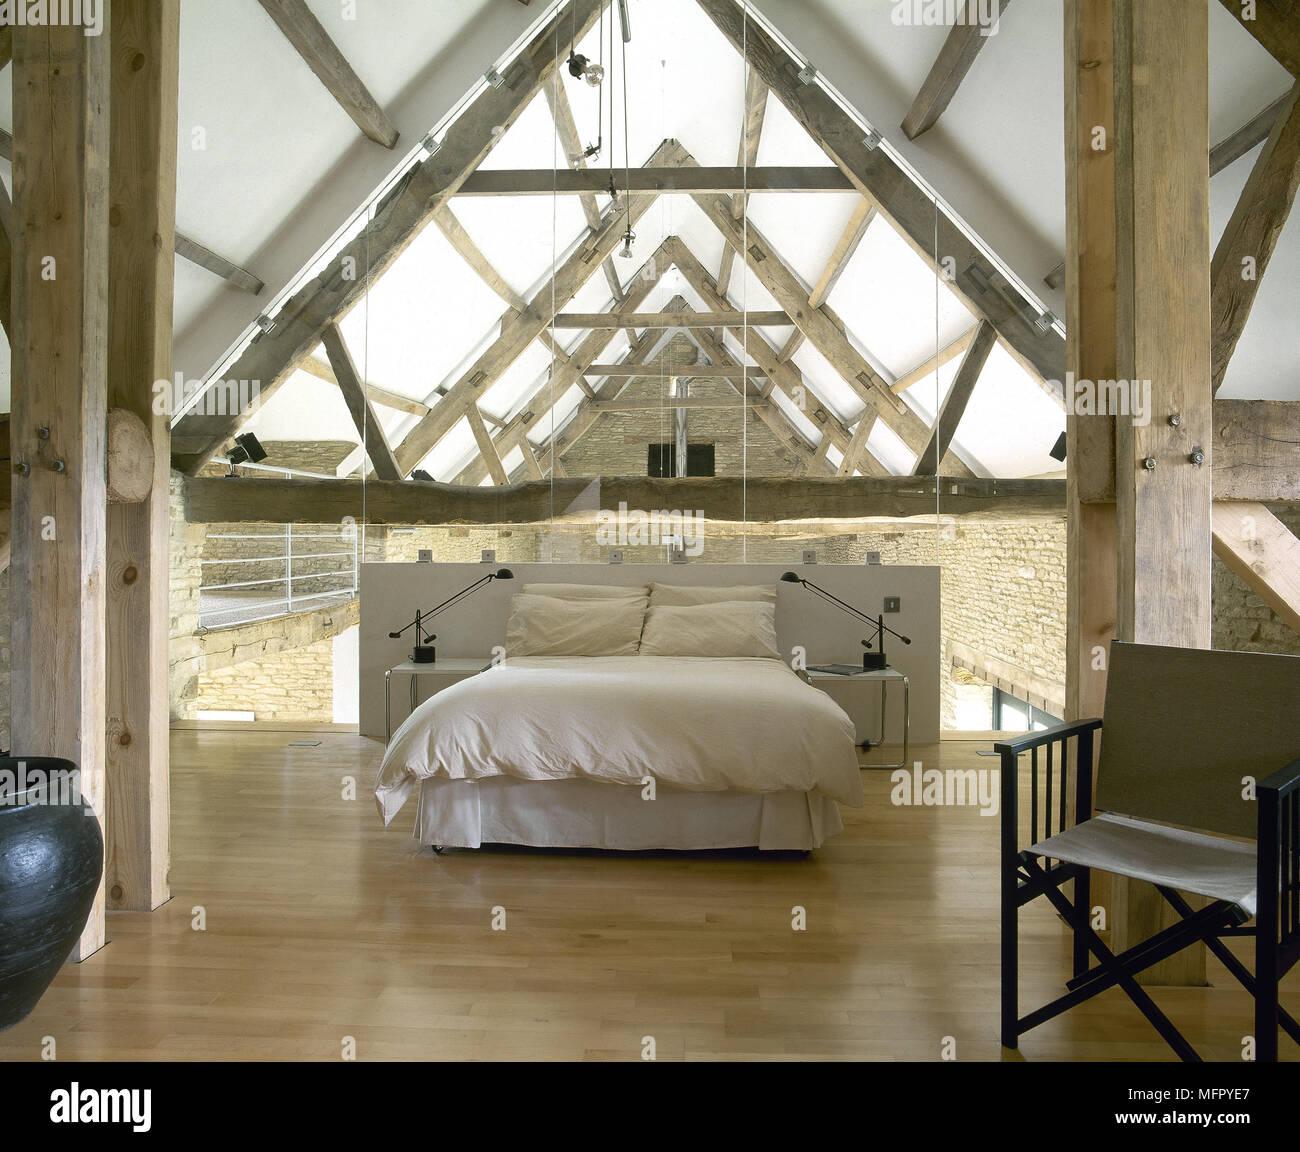 chambre loft dans une ancienne grange avec un plancher de bois, des